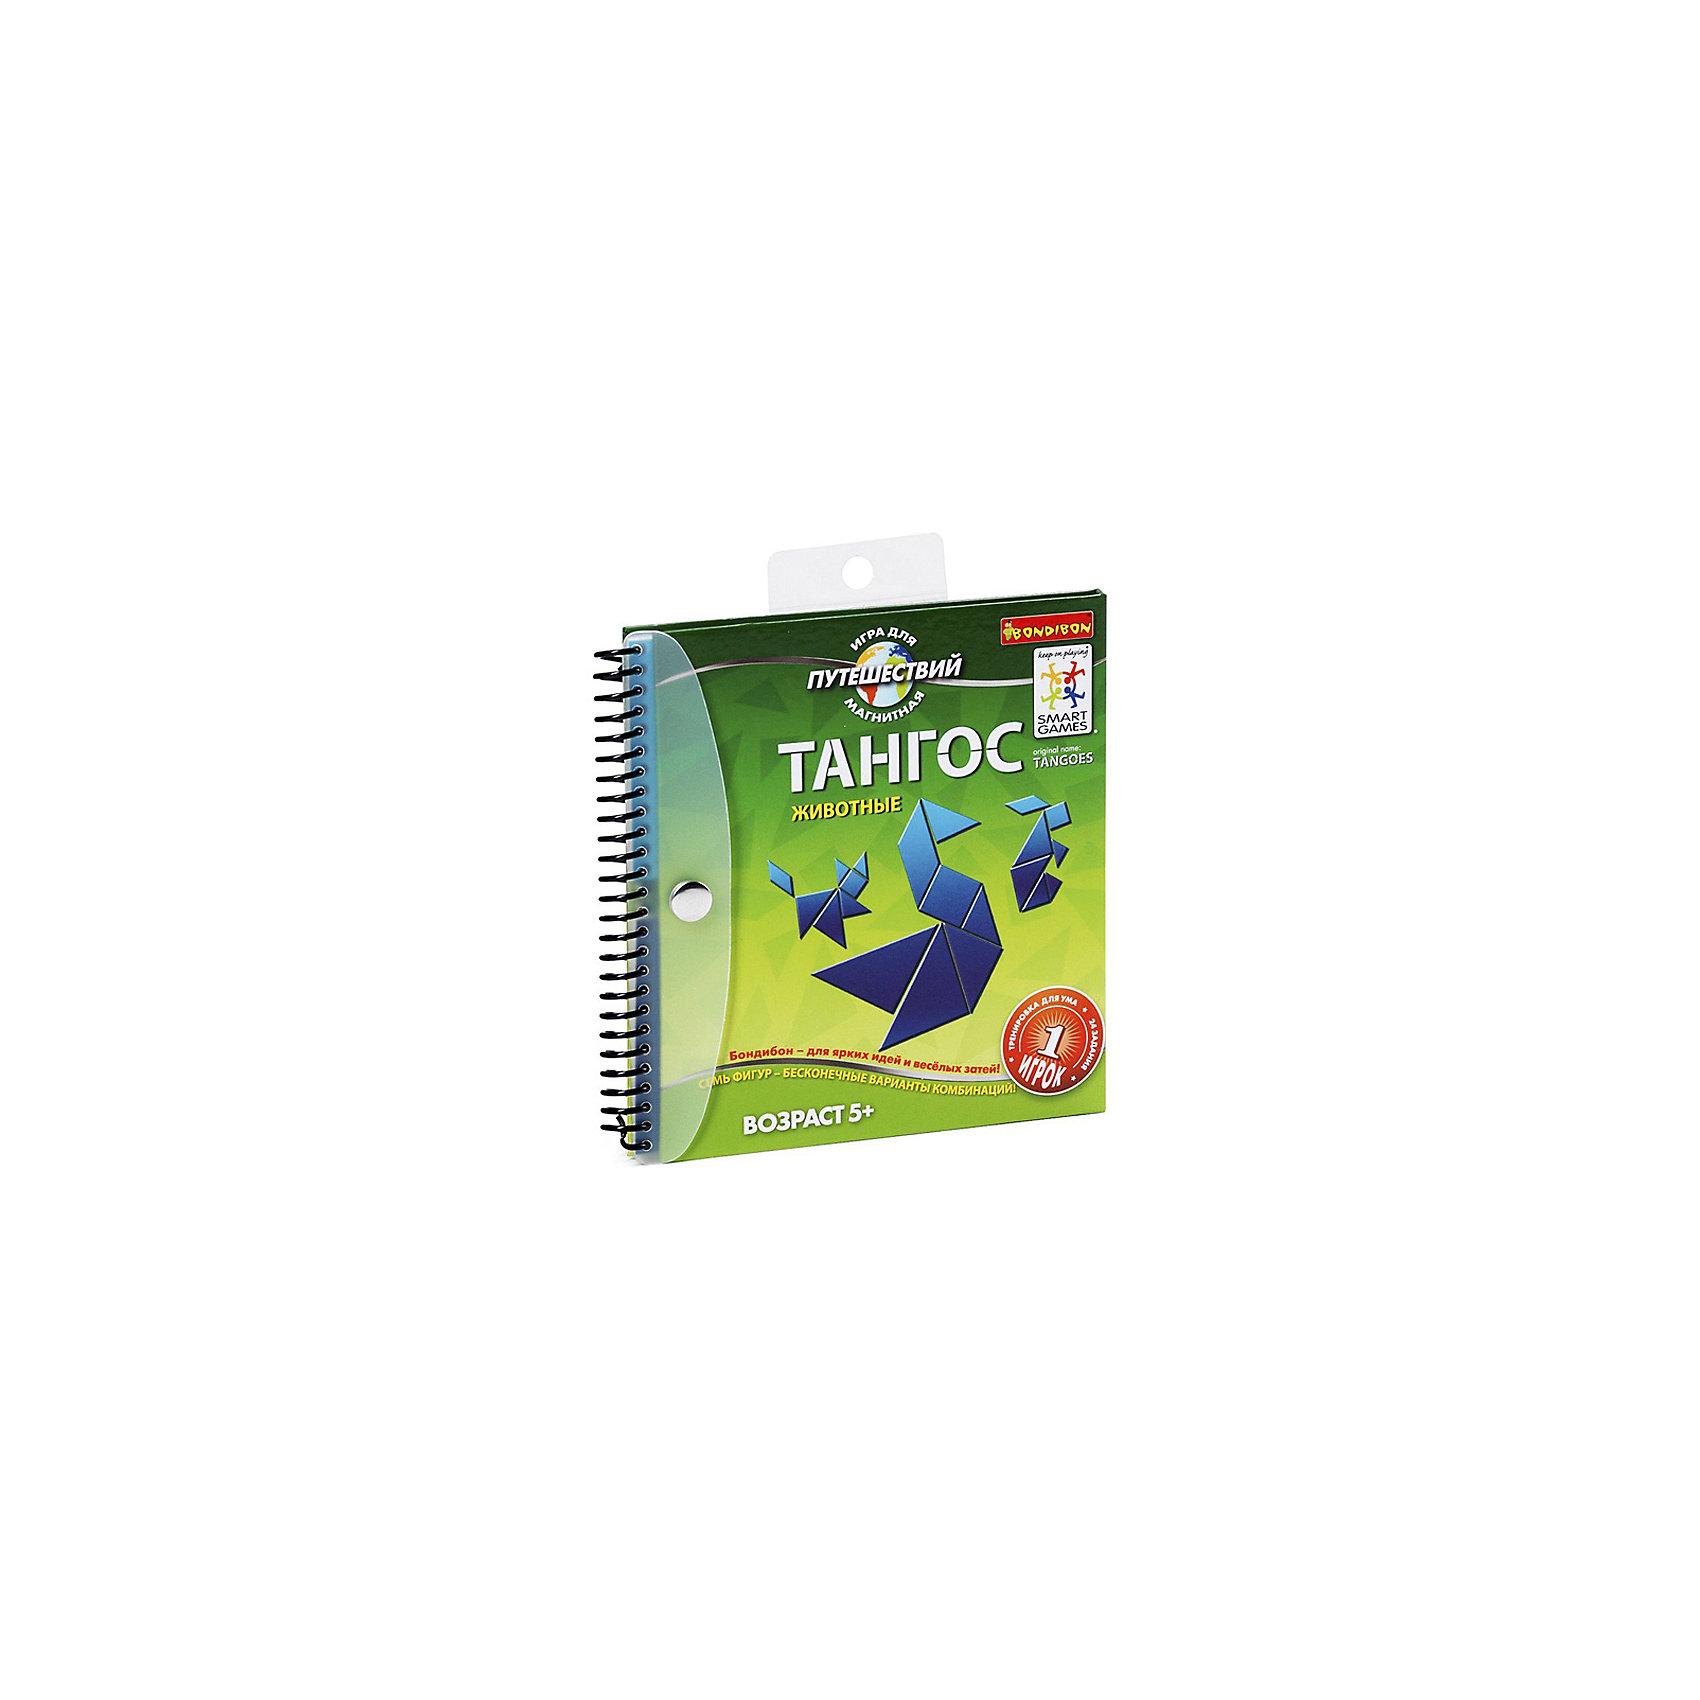 Магнитная игра для путешествий Тангос Животные, BondibonИгры для развлечений<br>Магнитная игра для путешествий Тангос Животные, Bondibon (Бондибон).<br><br>Характеристики:<br><br>• Возраст: от 6 лет<br>• Комплектация: книжка, 7 магнитных геометрических фигур<br>• Количество игроков: 1<br>• Размер игрового поля: 13х15 см.<br>• Материал: пластик, картон, магнит<br>• Упаковка: пакет<br>• Размер упаковки: 24х18х2,5 см.<br><br>Удивительная старинная игра, несмотря на кажущуюся простоту, одинаково увлекает и детей, и взрослых. Столетия назад в Китае была придумана удивительная игра, состоящая из семи плоских геометрических фигурок для игры, которые называются танграммы: пять треугольников, один квадрат и параллелограмм, из которых выкладывали множество фигур-силуэтов. <br><br>Игра Тангос выполнена в виде красивой компактной книжки со специальным магнитным полем, внутри которой имеется блокнот, содержащий 24 увлекательных задания 4-х уровней сложности с ответами и 7 геометрических фигур на магнитах. Для ребенка станет большим открытием, что из семи геометрических фигурок можно создавать бесконечное множество изображений животных. Магнитные фигуры крепятся на магнитном поле книжки-футляра. <br><br>Размер игры позволит без труда взять её с собой в путешествие. Внешне простая игра окажется увлекательным спутником в любых путешествиях! Игра развивает логическое мышление, зрительное и пространственное восприятие.<br><br>Магнитную игру для путешествий Тангос Животные, Bondibon (Бондибон) можно купить в нашем интернет-магазине.<br><br>Ширина мм: 160<br>Глубина мм: 20<br>Высота мм: 165<br>Вес г: 225<br>Возраст от месяцев: 60<br>Возраст до месяцев: 2147483647<br>Пол: Унисекс<br>Возраст: Детский<br>SKU: 5451754